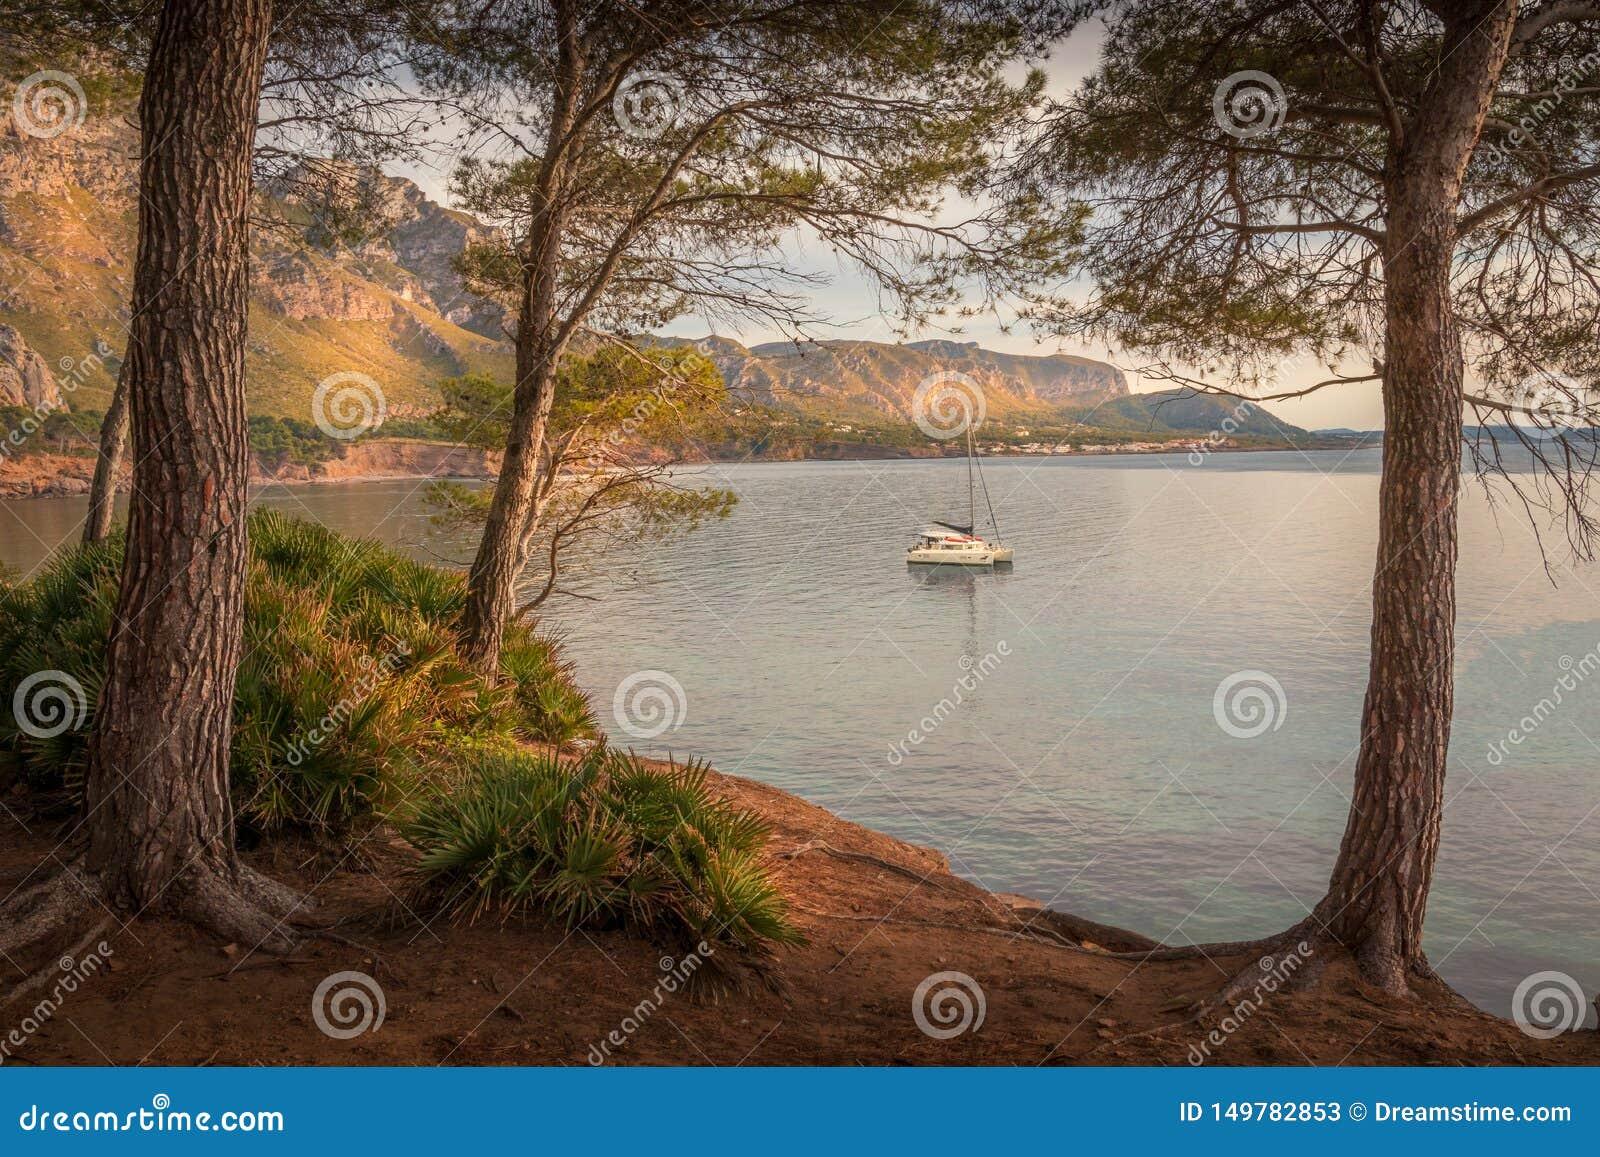 Betlem, cerca de Colonia De Sant Pere, ensenada, entrada, barco, yate, árboles, playa, naturaleza, oscuridad, puesta del sol, ref